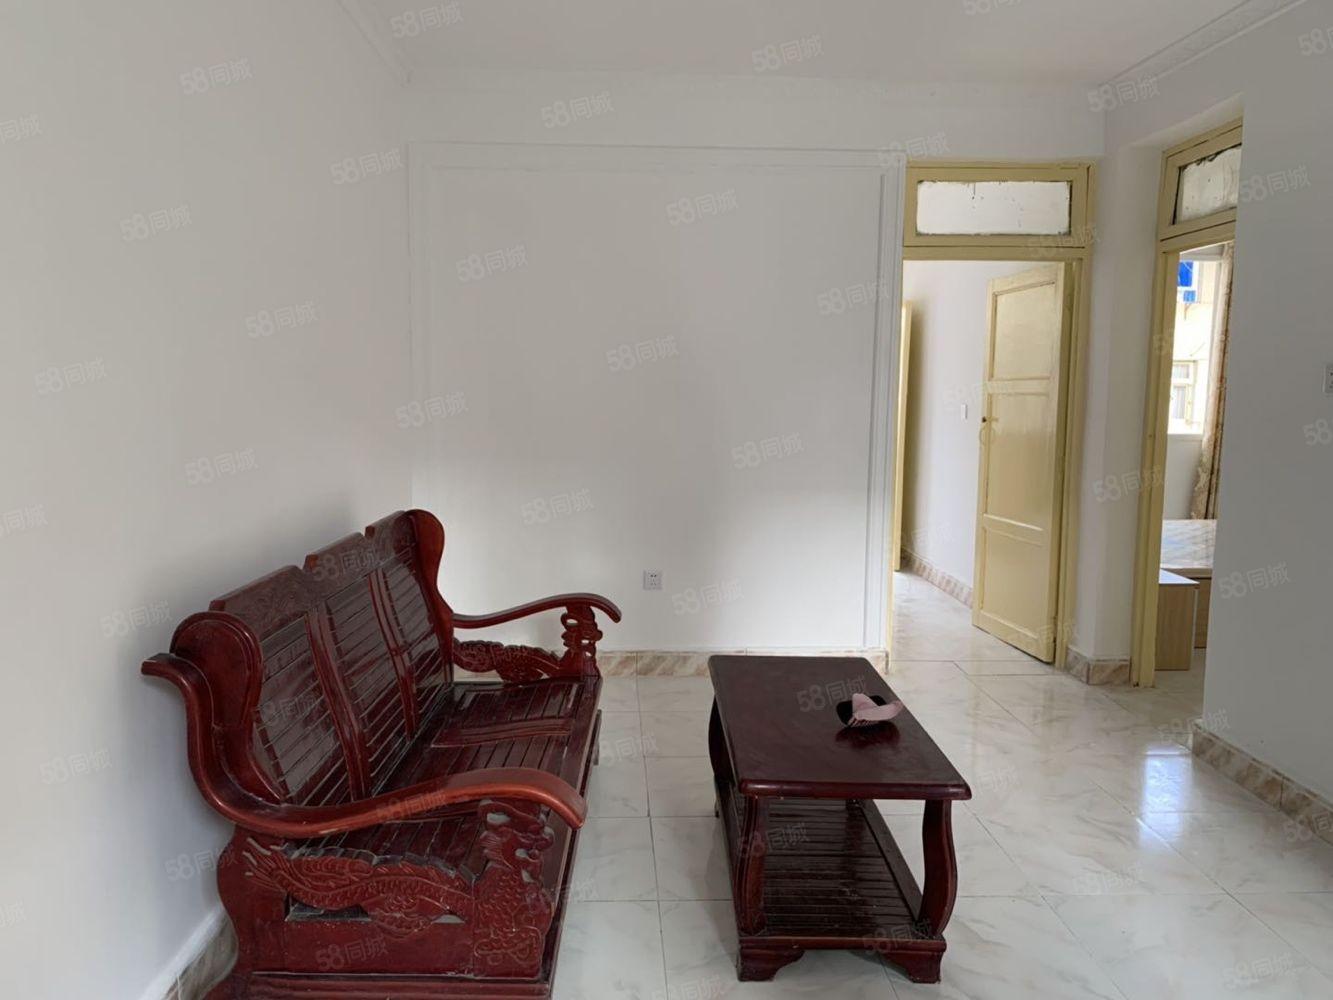 老城區,準拆遷房,房東急售。有鑰匙,隨時看房